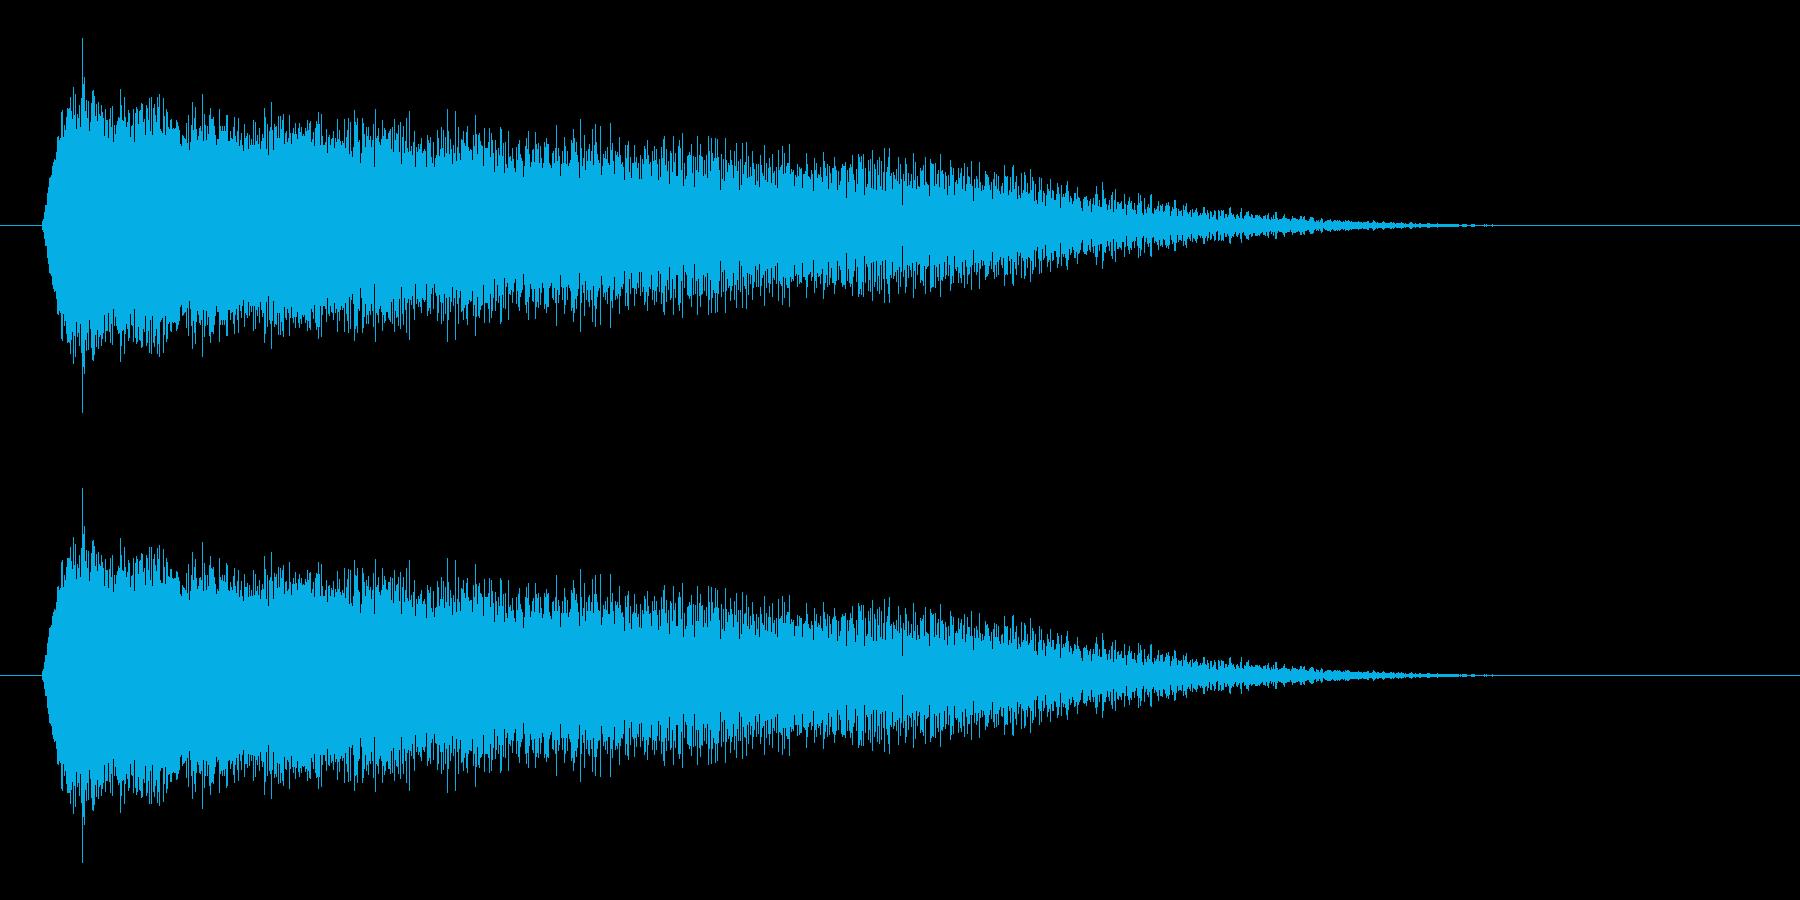 パワーダウン/下がる/場面転換の再生済みの波形